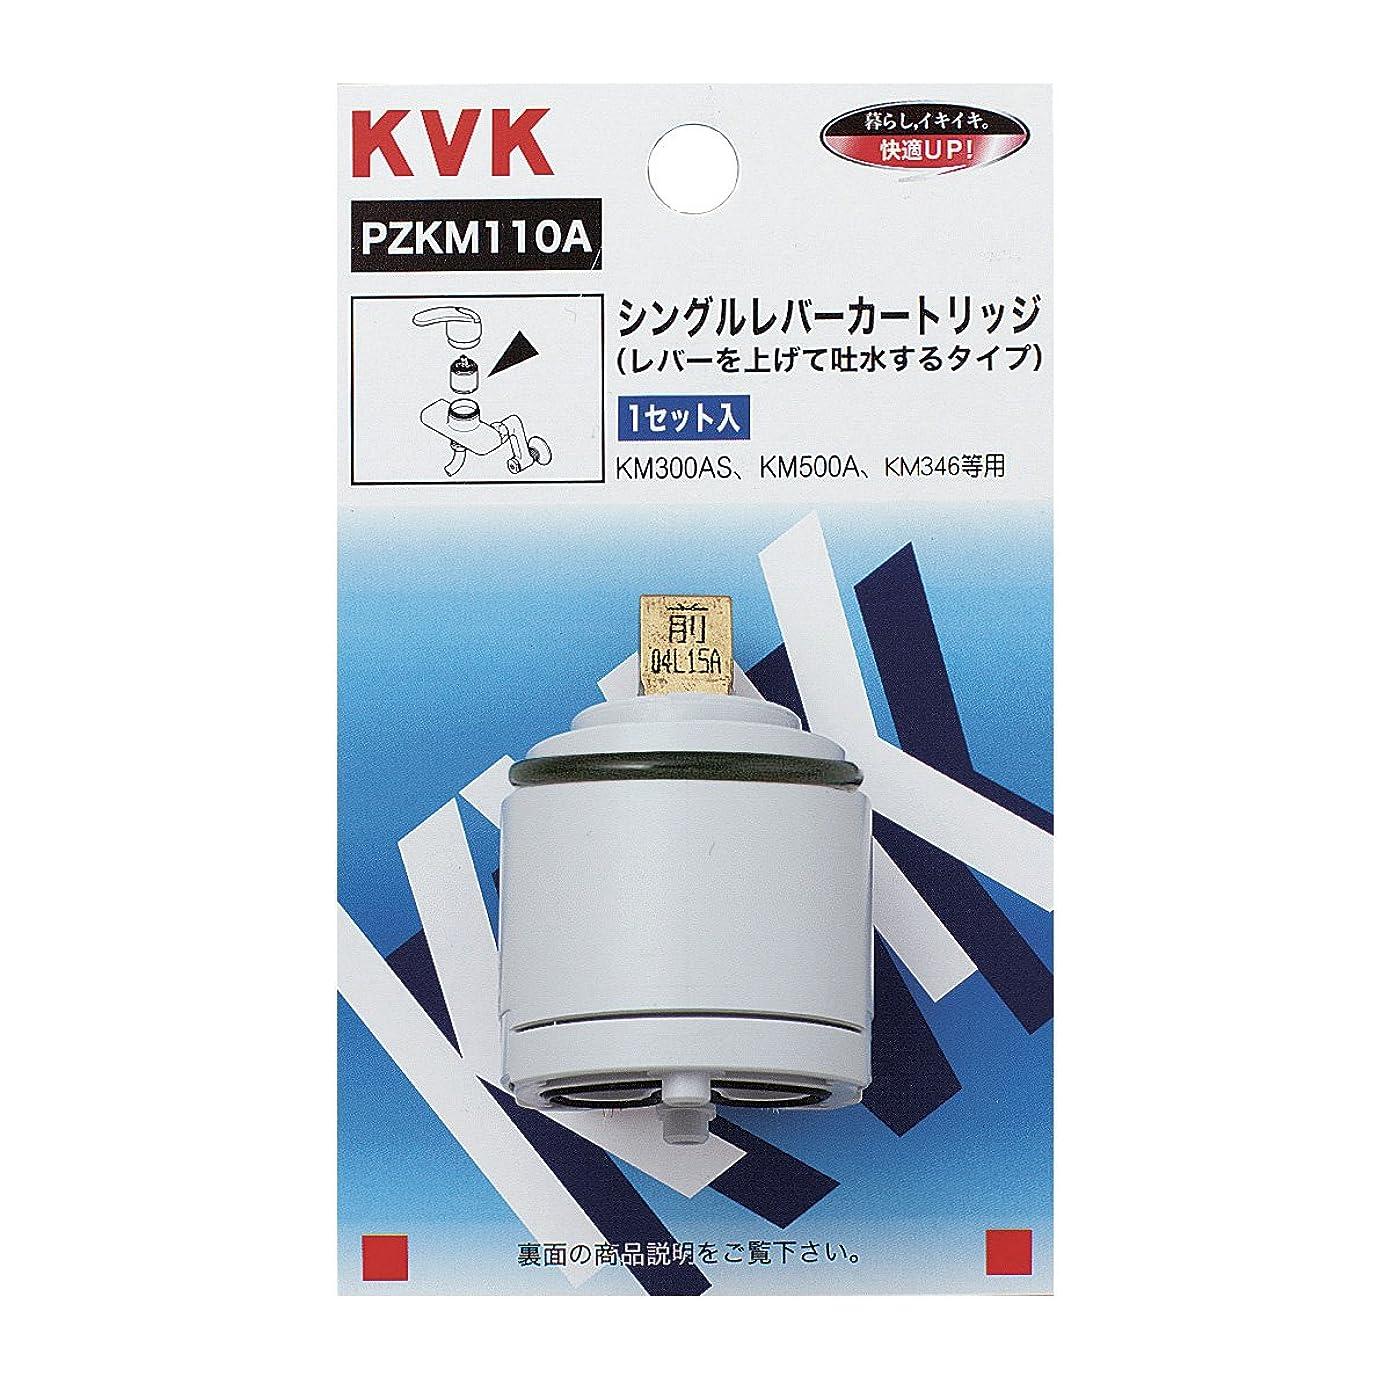 不十分予防接種する特徴づけるKVK シングルレバーカートリッジ (上げ吐水用) 【PZKM110A】